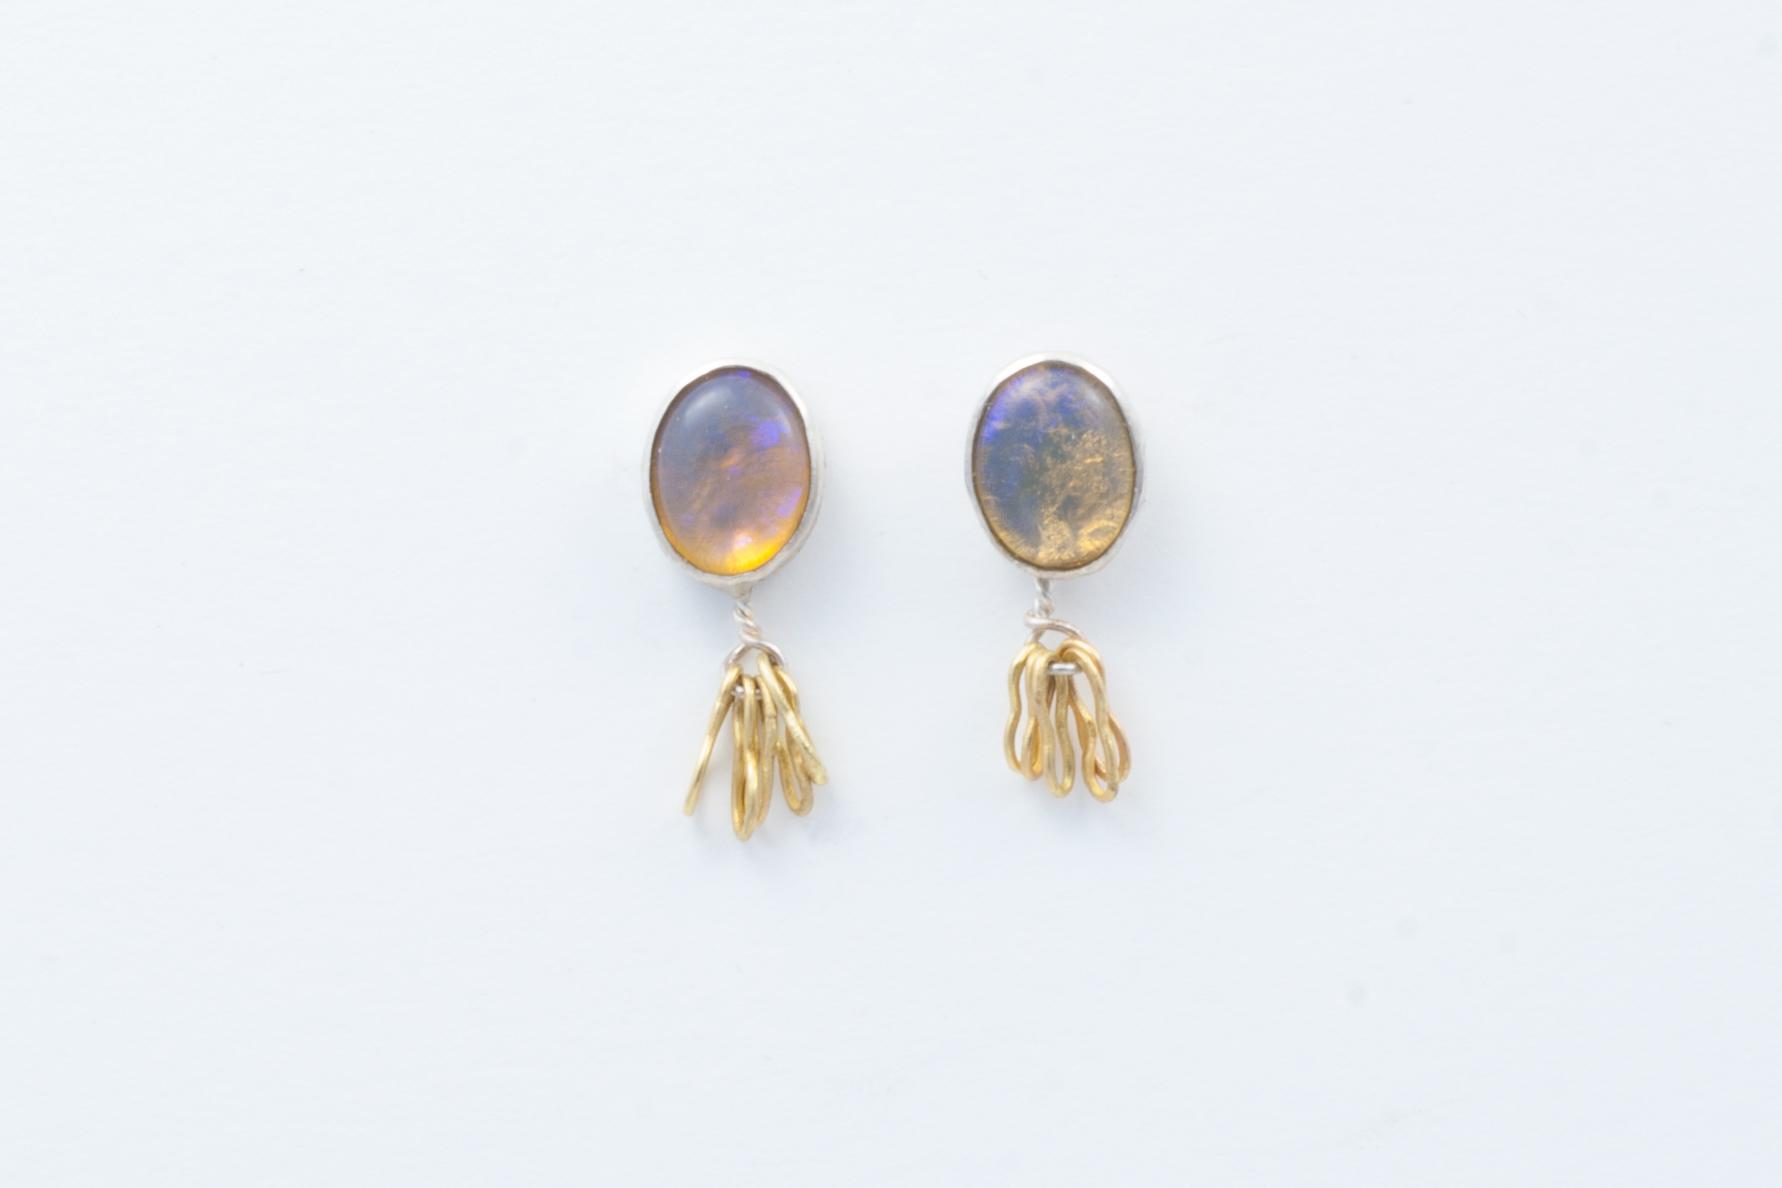 Black-opal-earrings-web.jpg